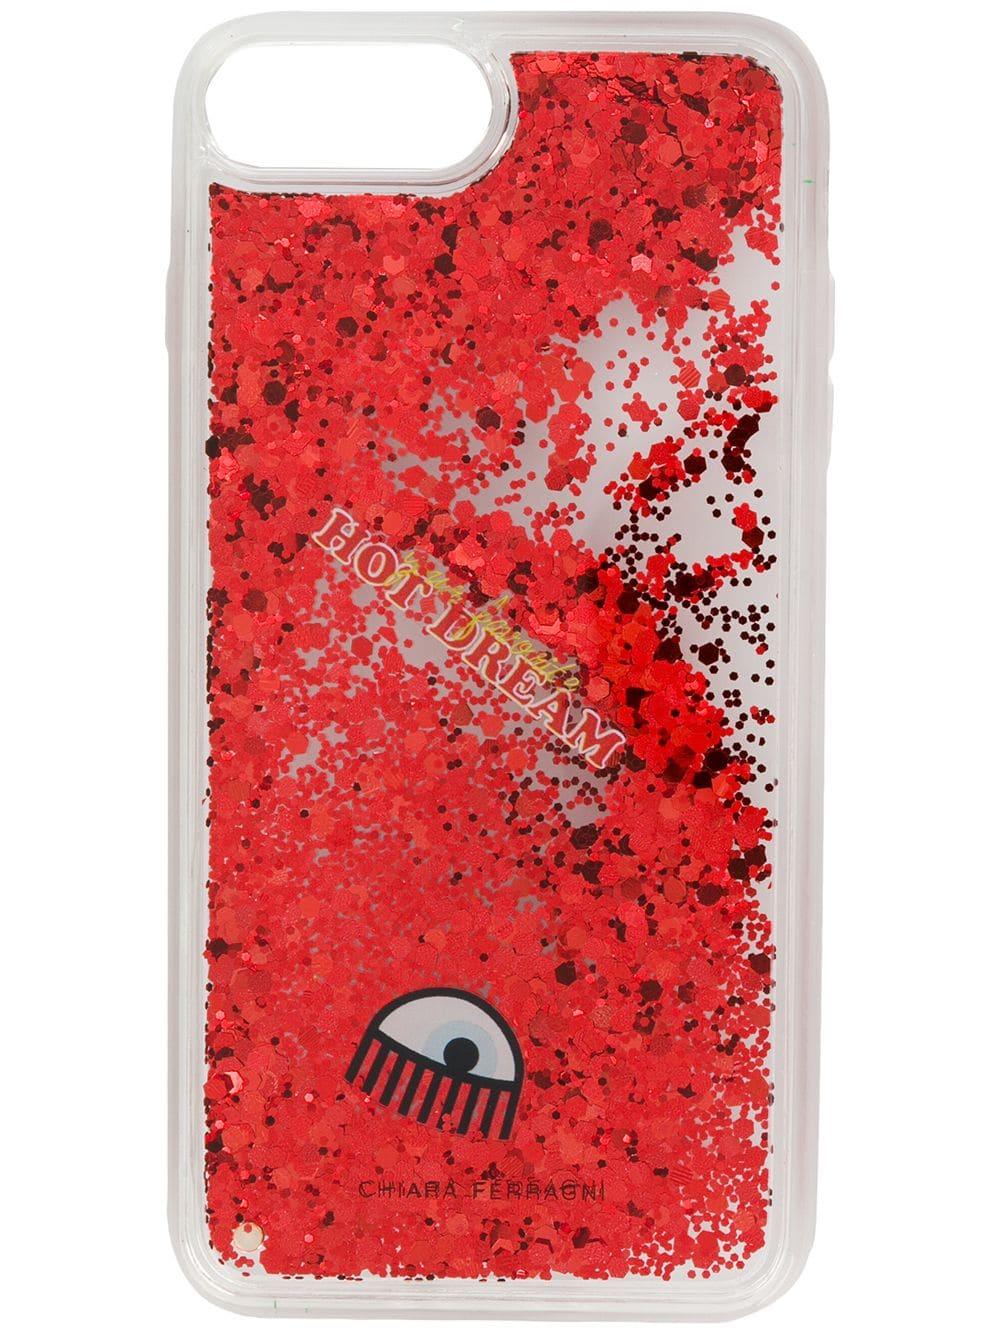 Cover iphone 6/7/8 plus Rosa Chiara